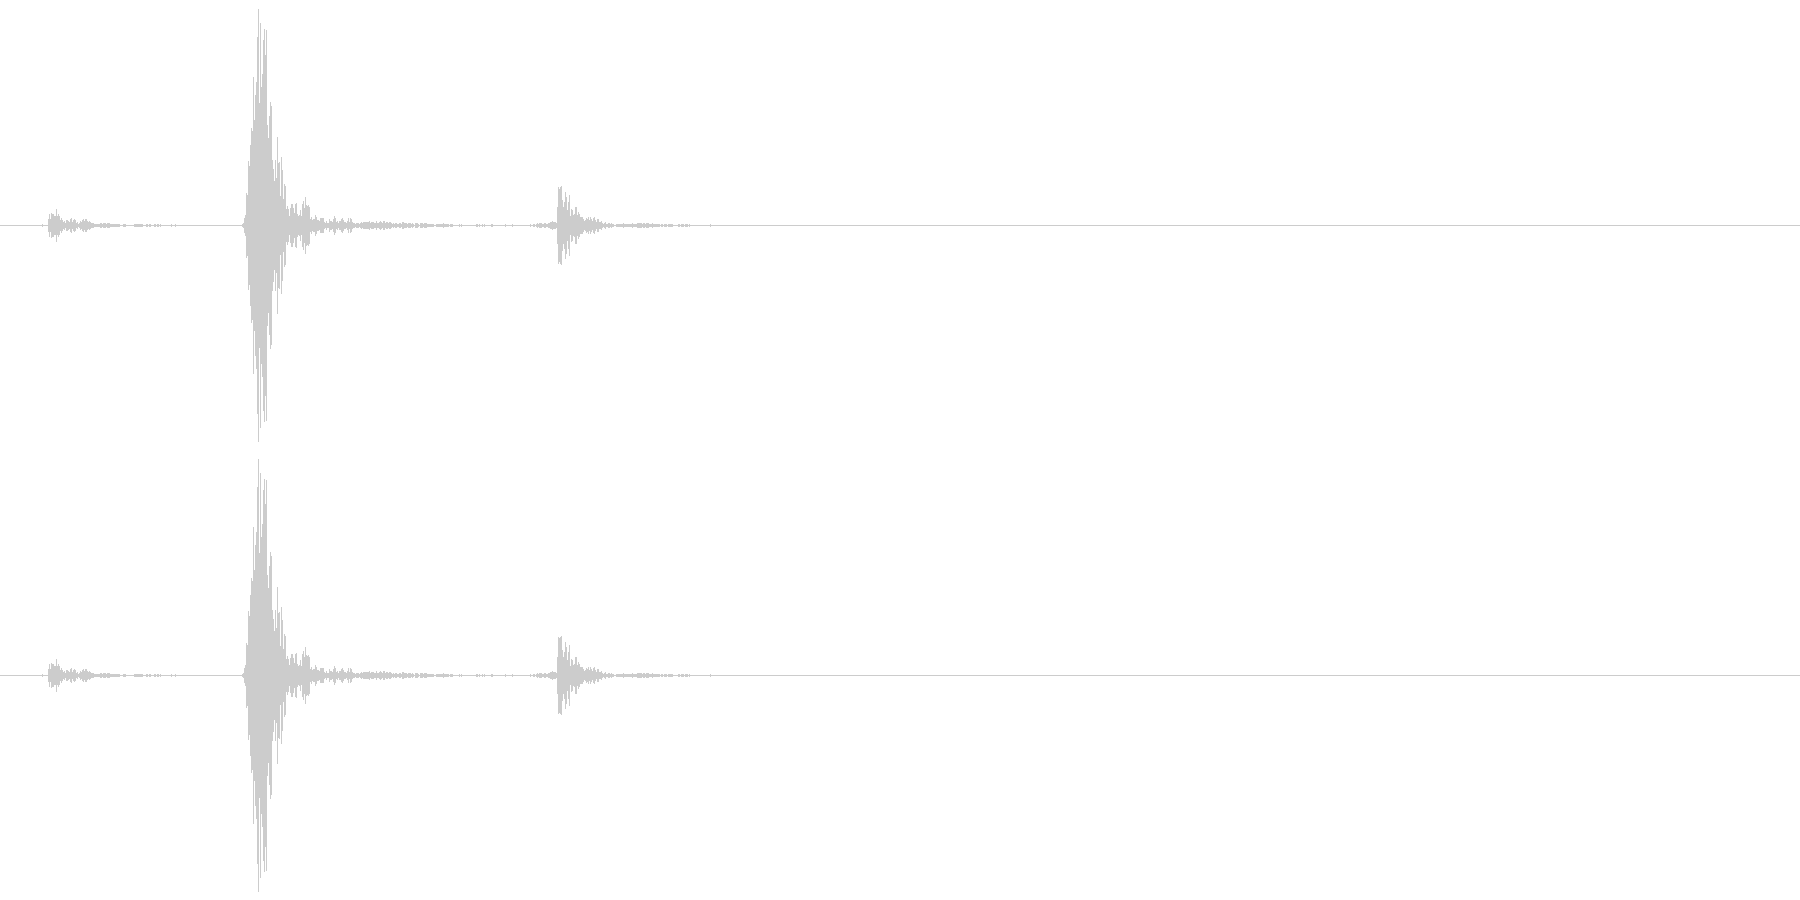 カセットデッキ_ボタン(止める)の未再生の波形